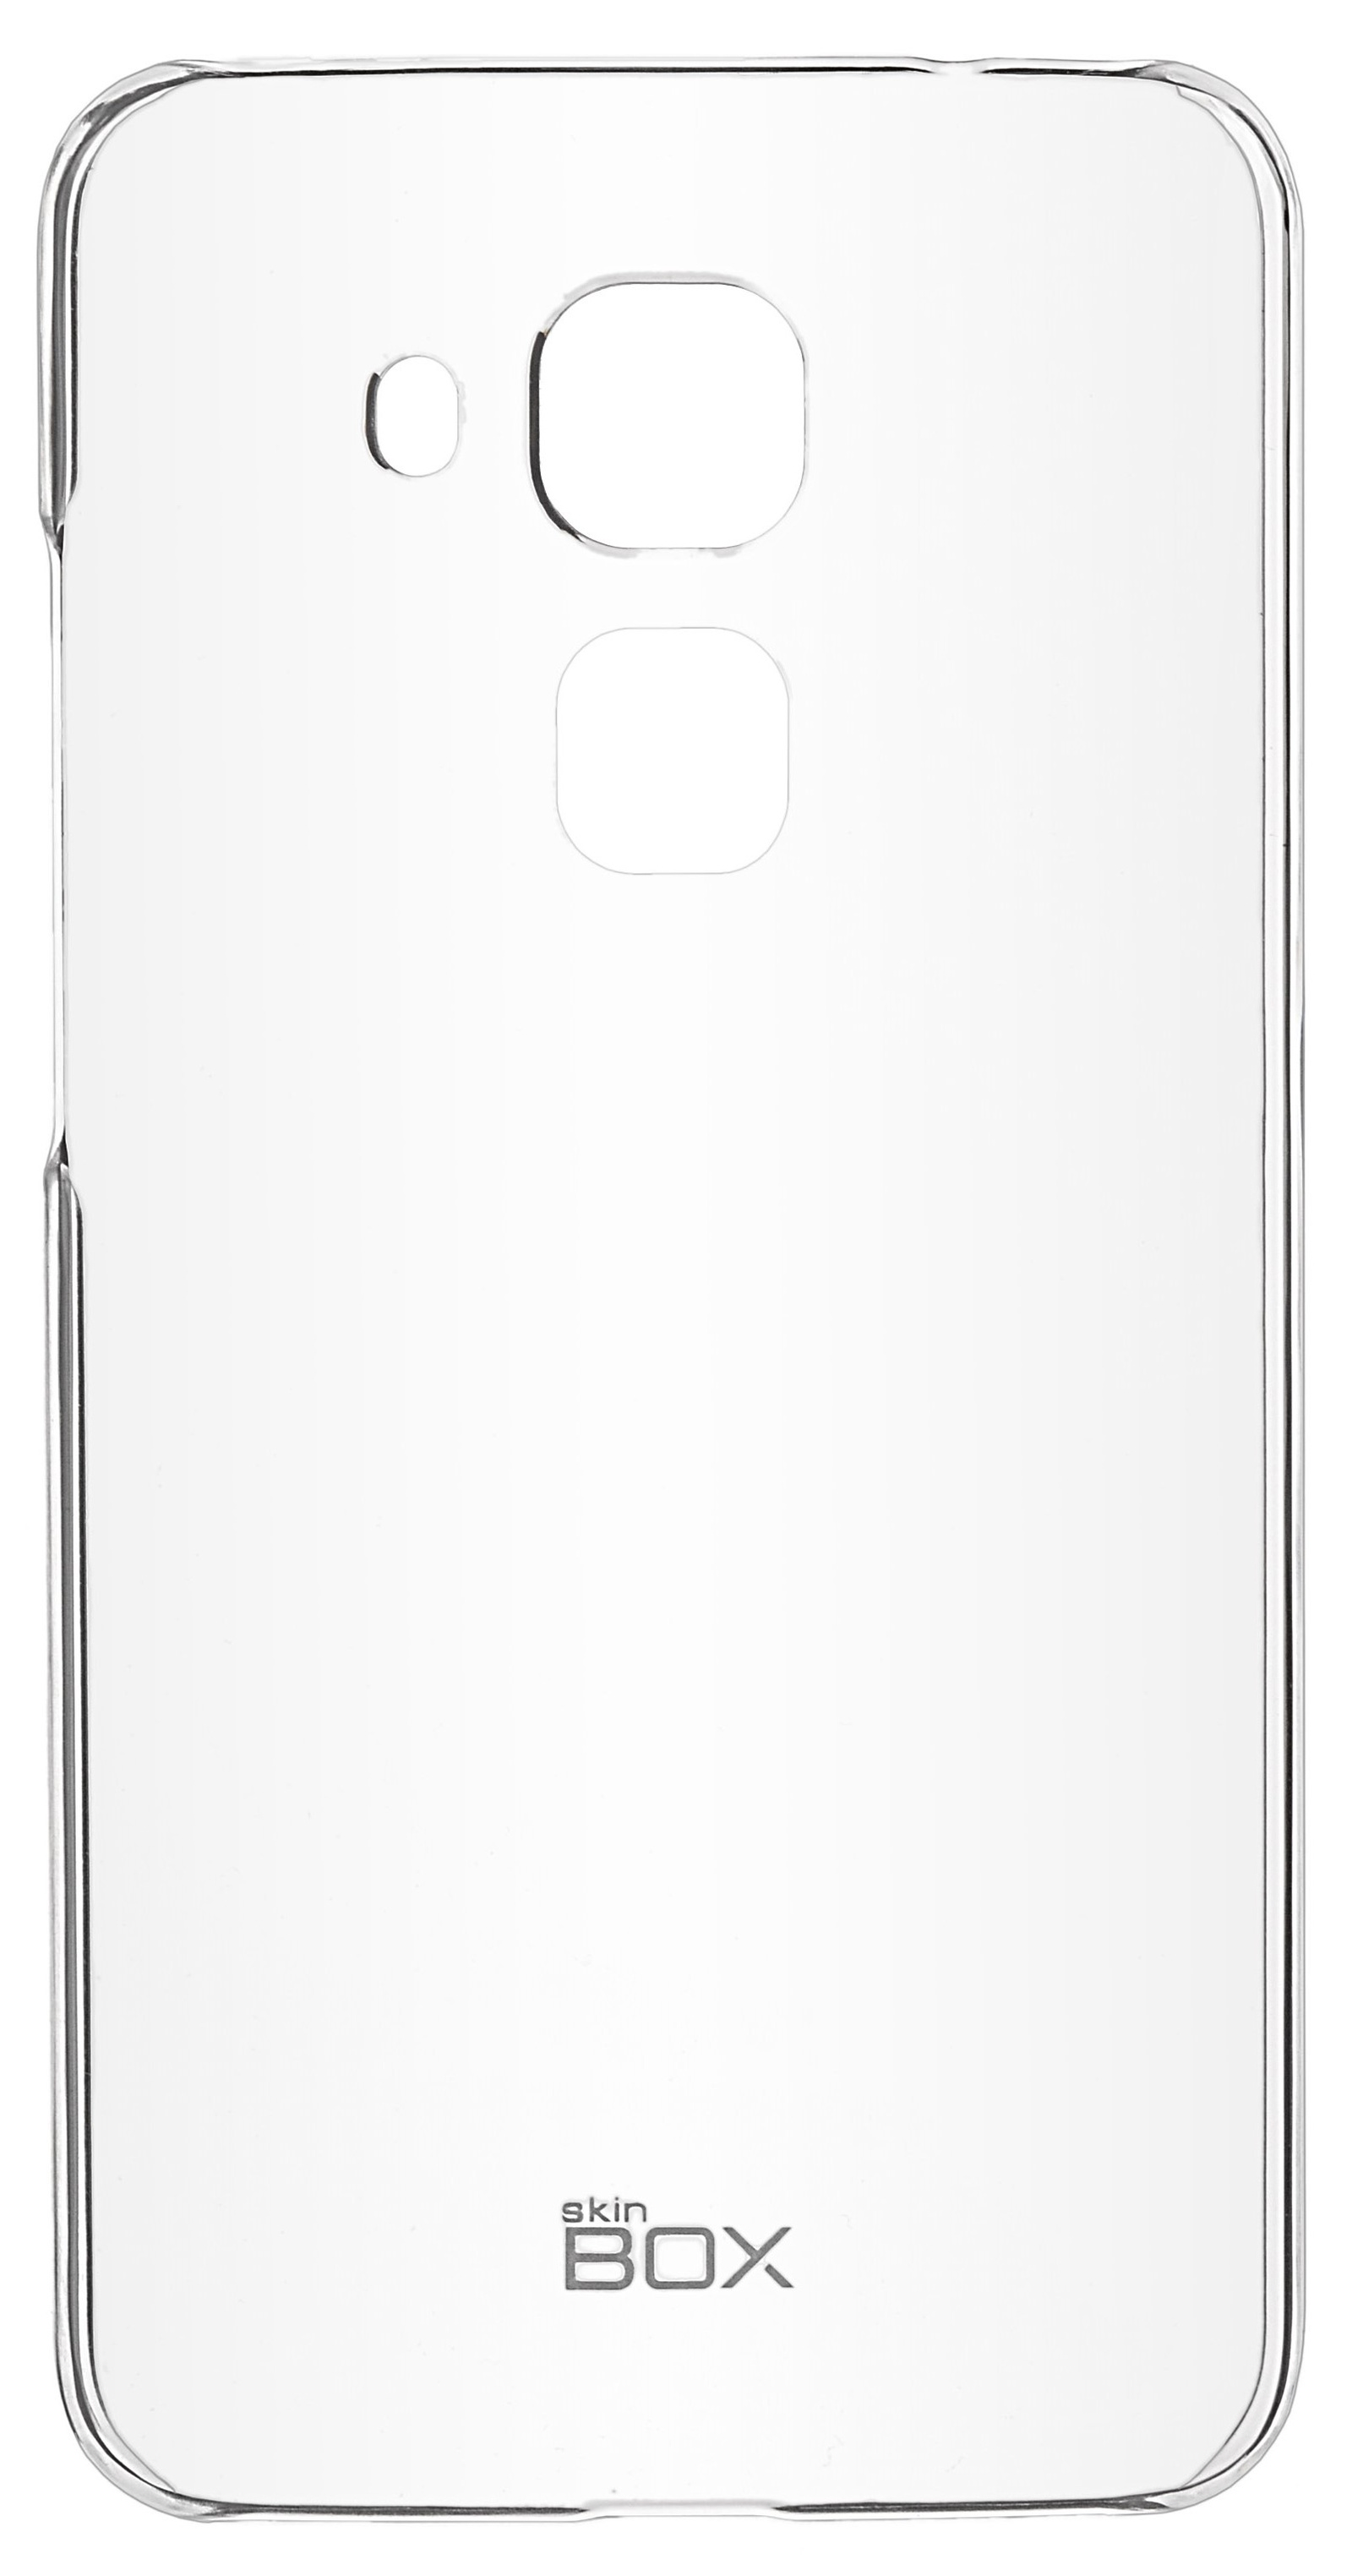 Чехол для сотового телефона skinBOX Crystal, 4630042529045, прозрачный чехол для сотового телефона skinbox crystal 4630042524620 прозрачный